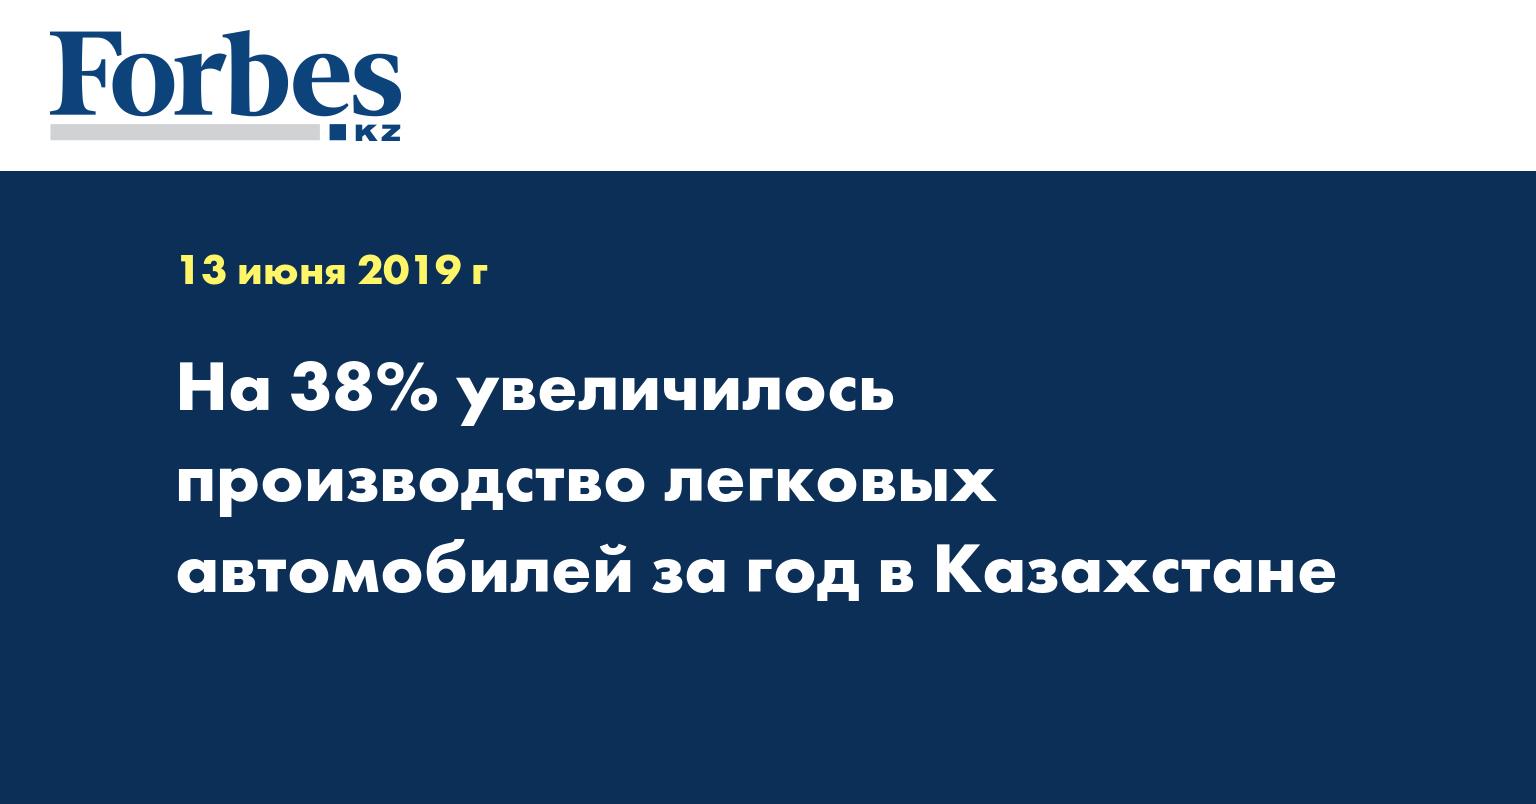 На 38% увеличилось производство легковых автомобилей за год в Казахстане